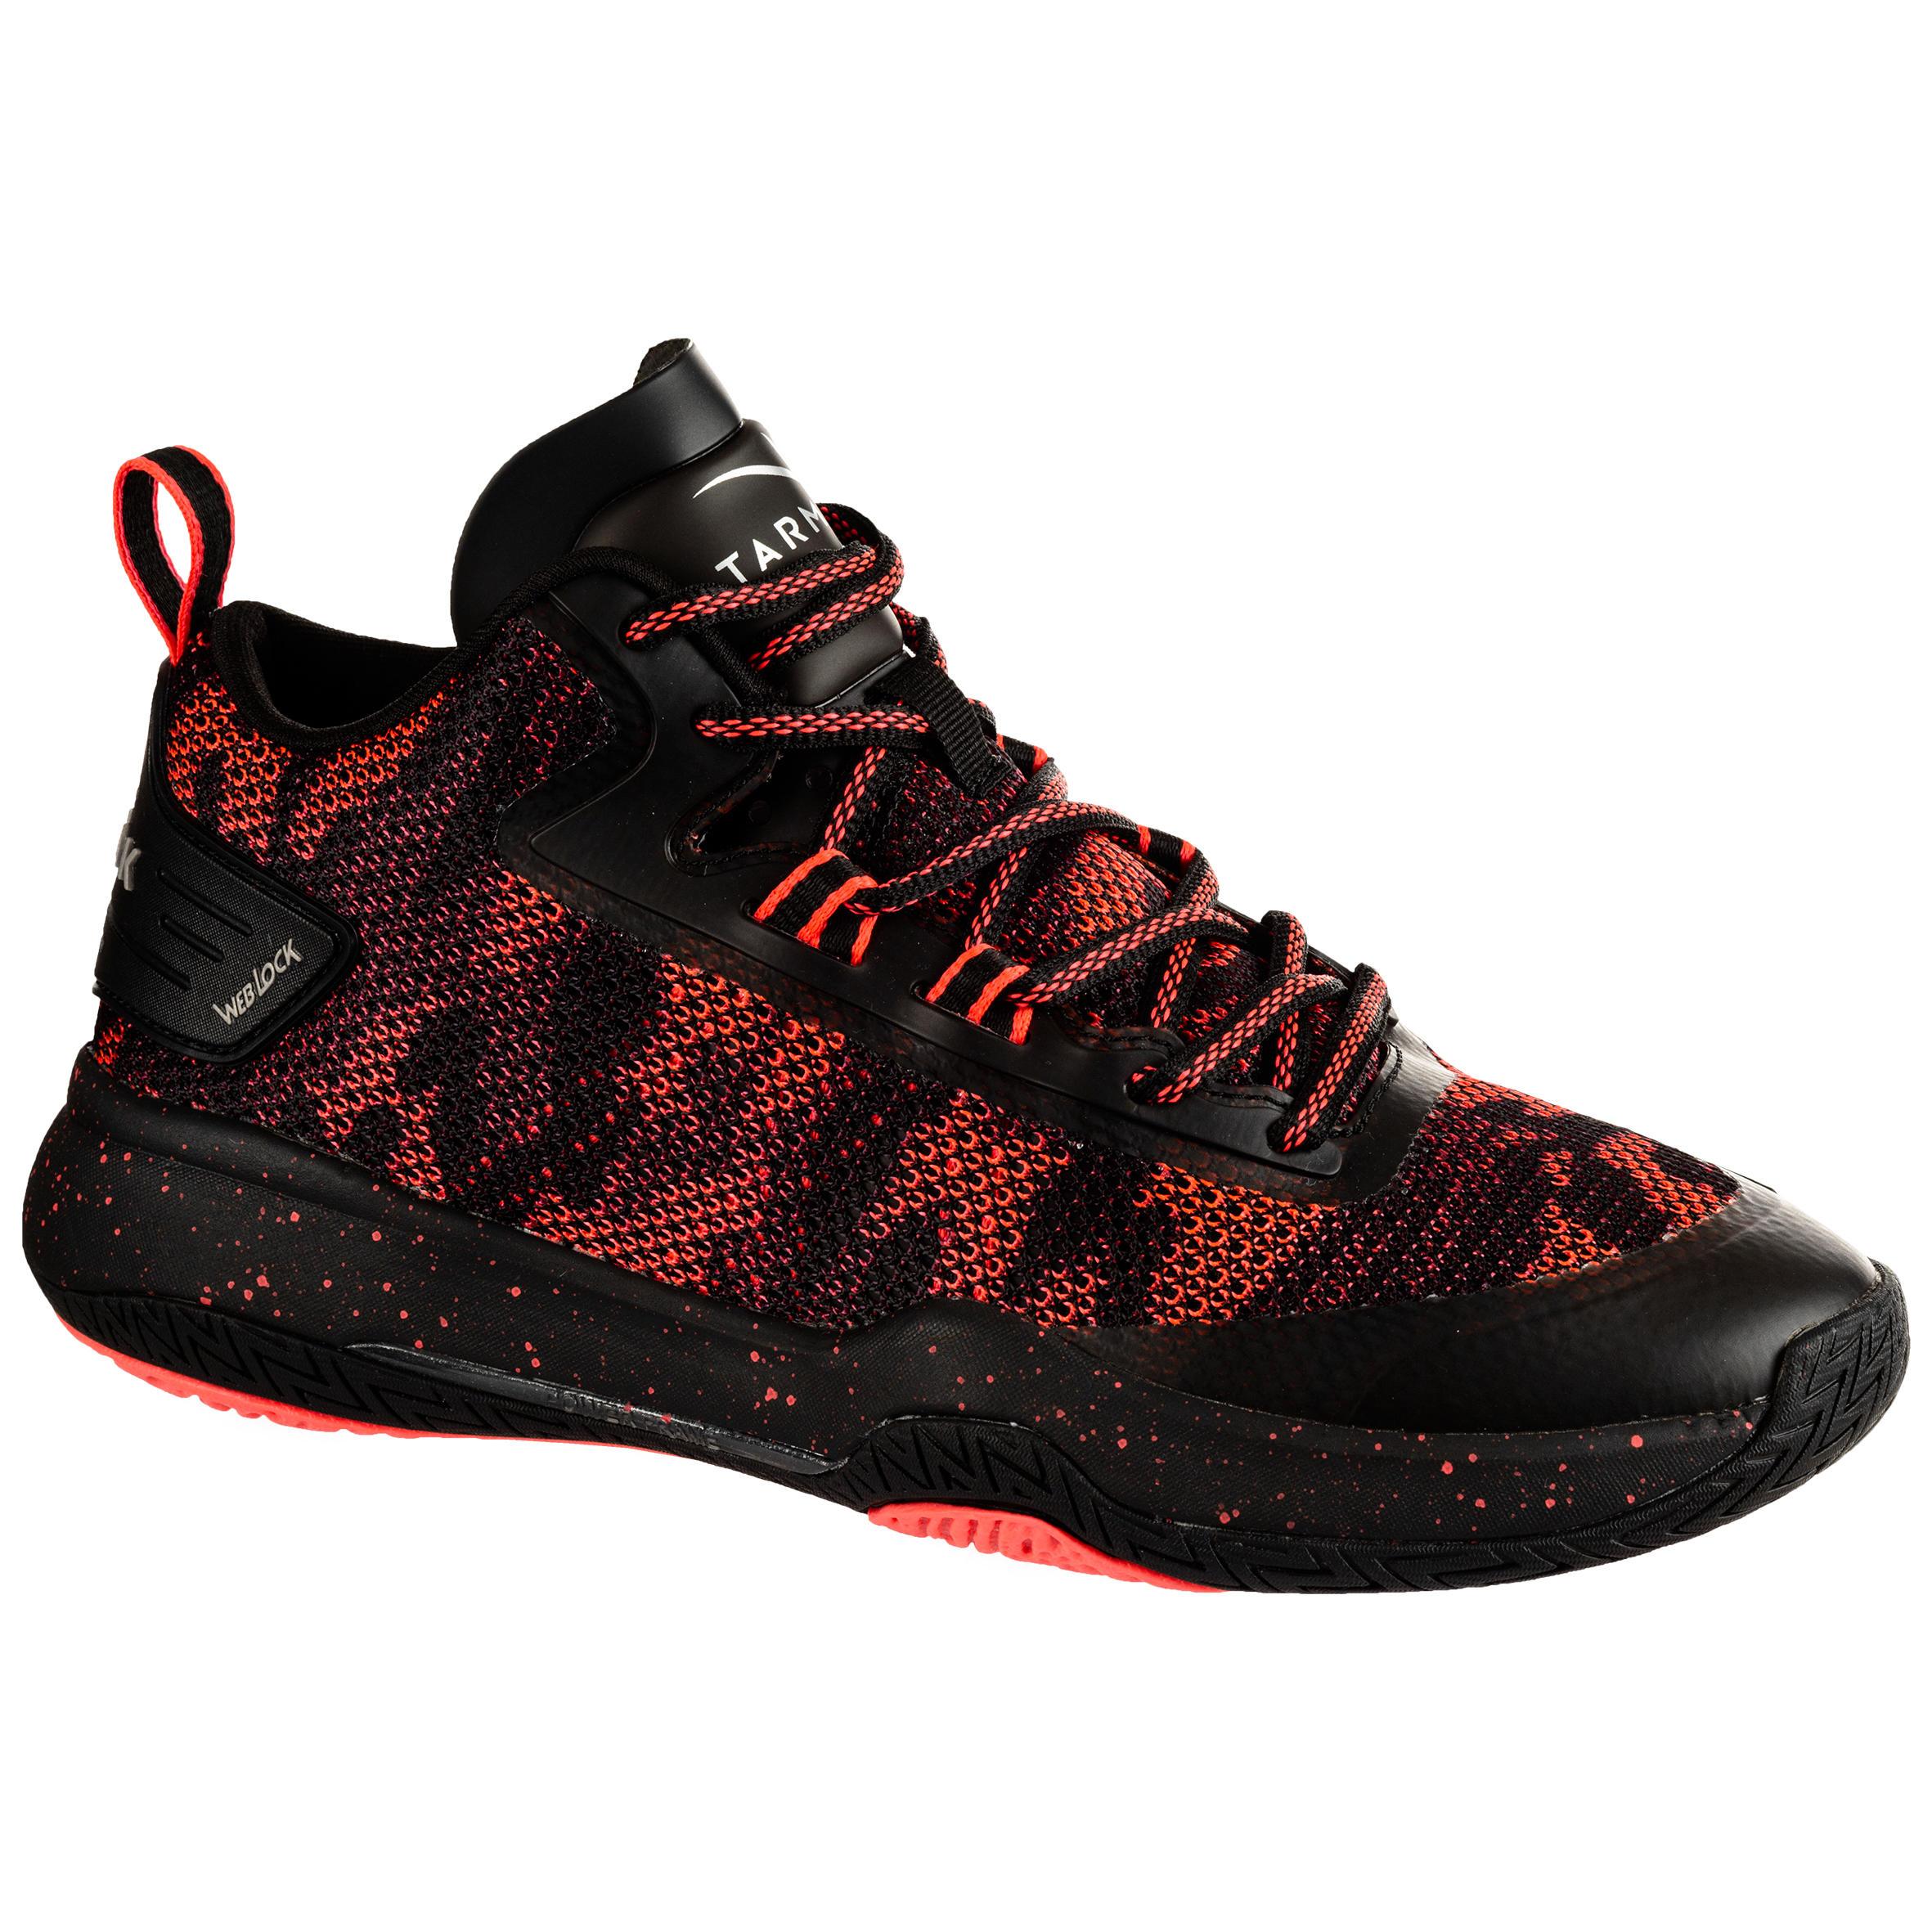 9ce7cc9942efa Comprar Zapatillas de Baloncesto online